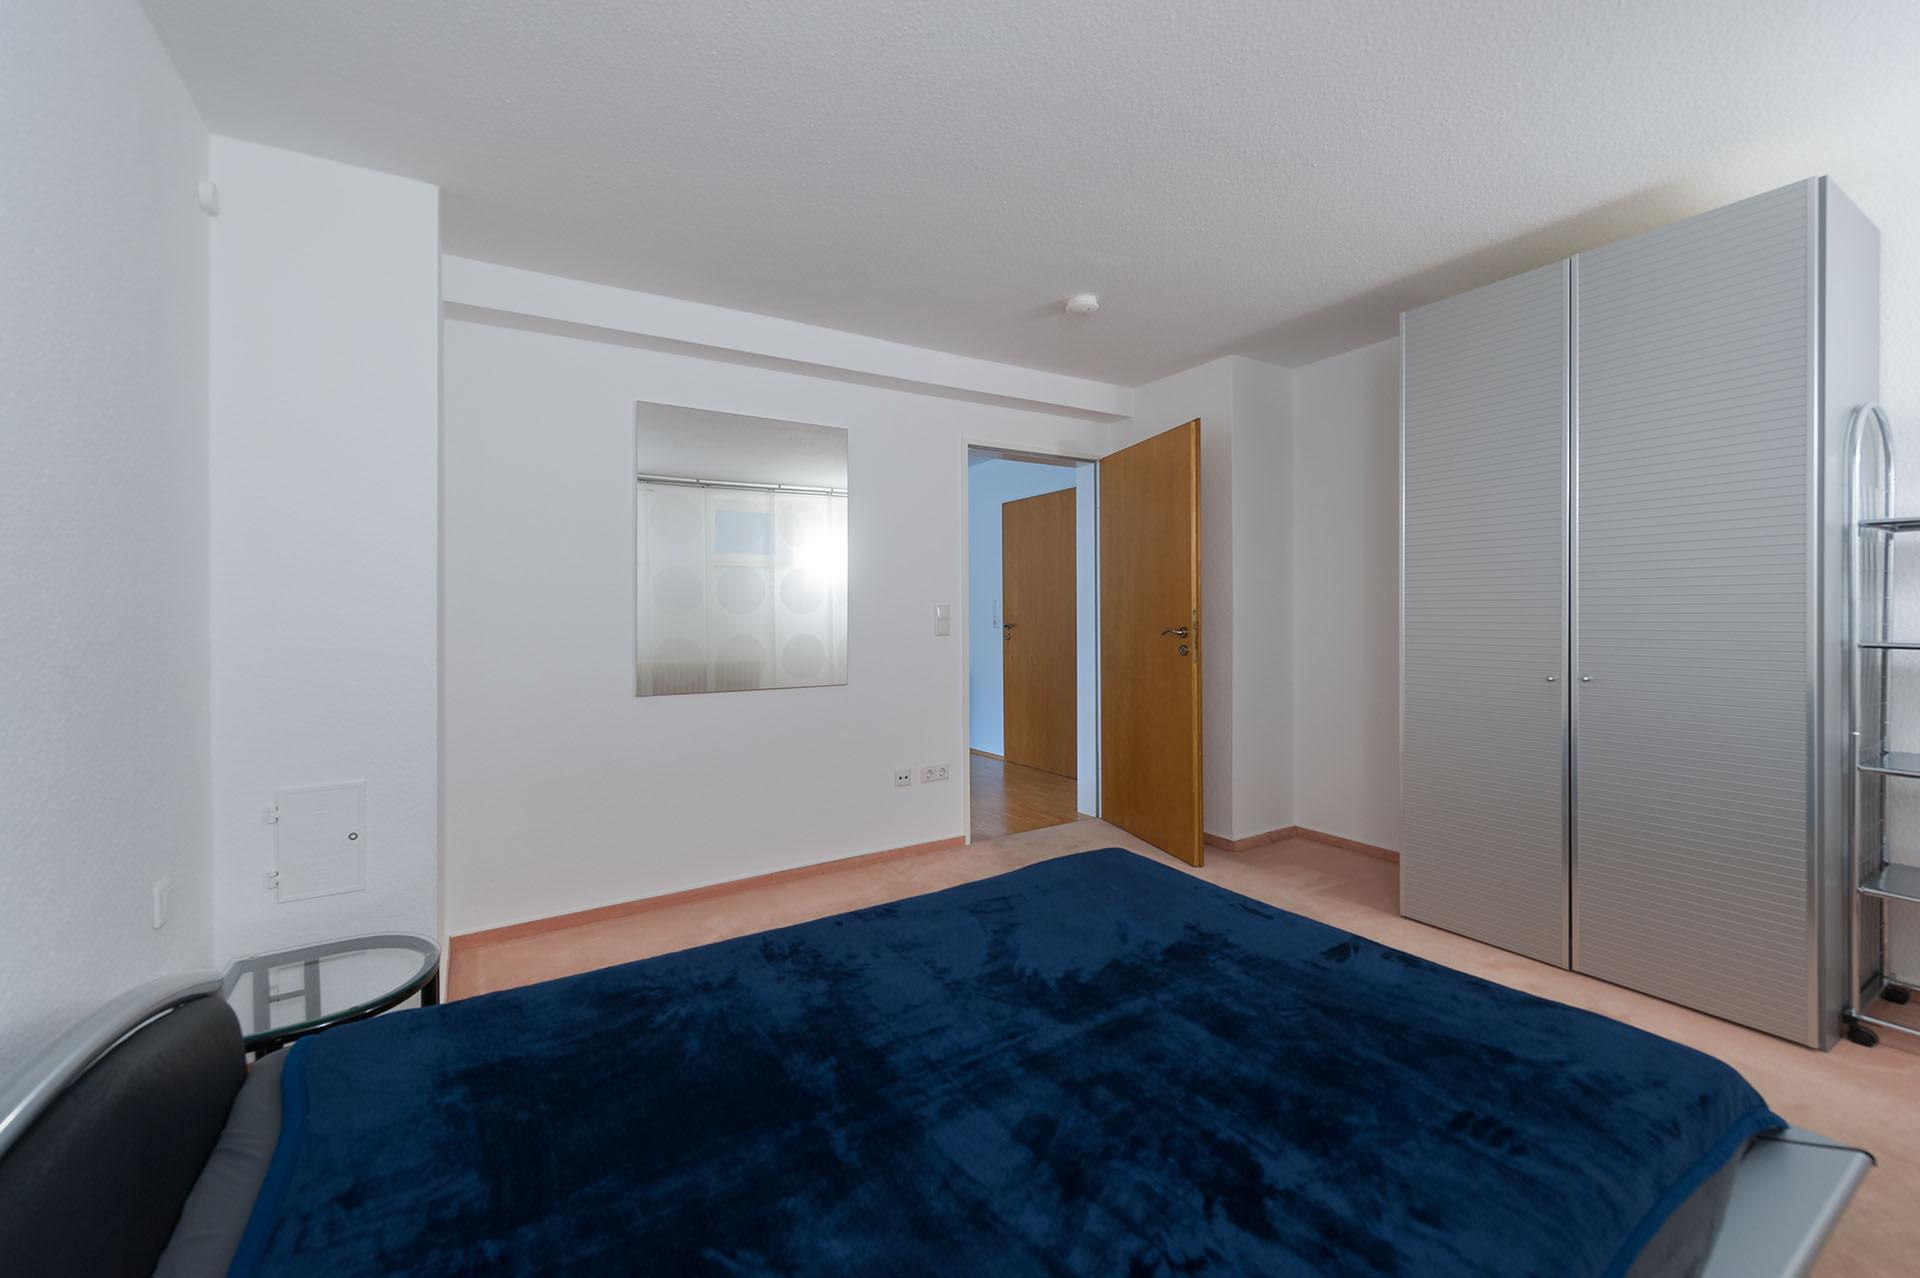 Immobilienfoto: Blick In Das Schlafzimmer Mit Teppich Boden